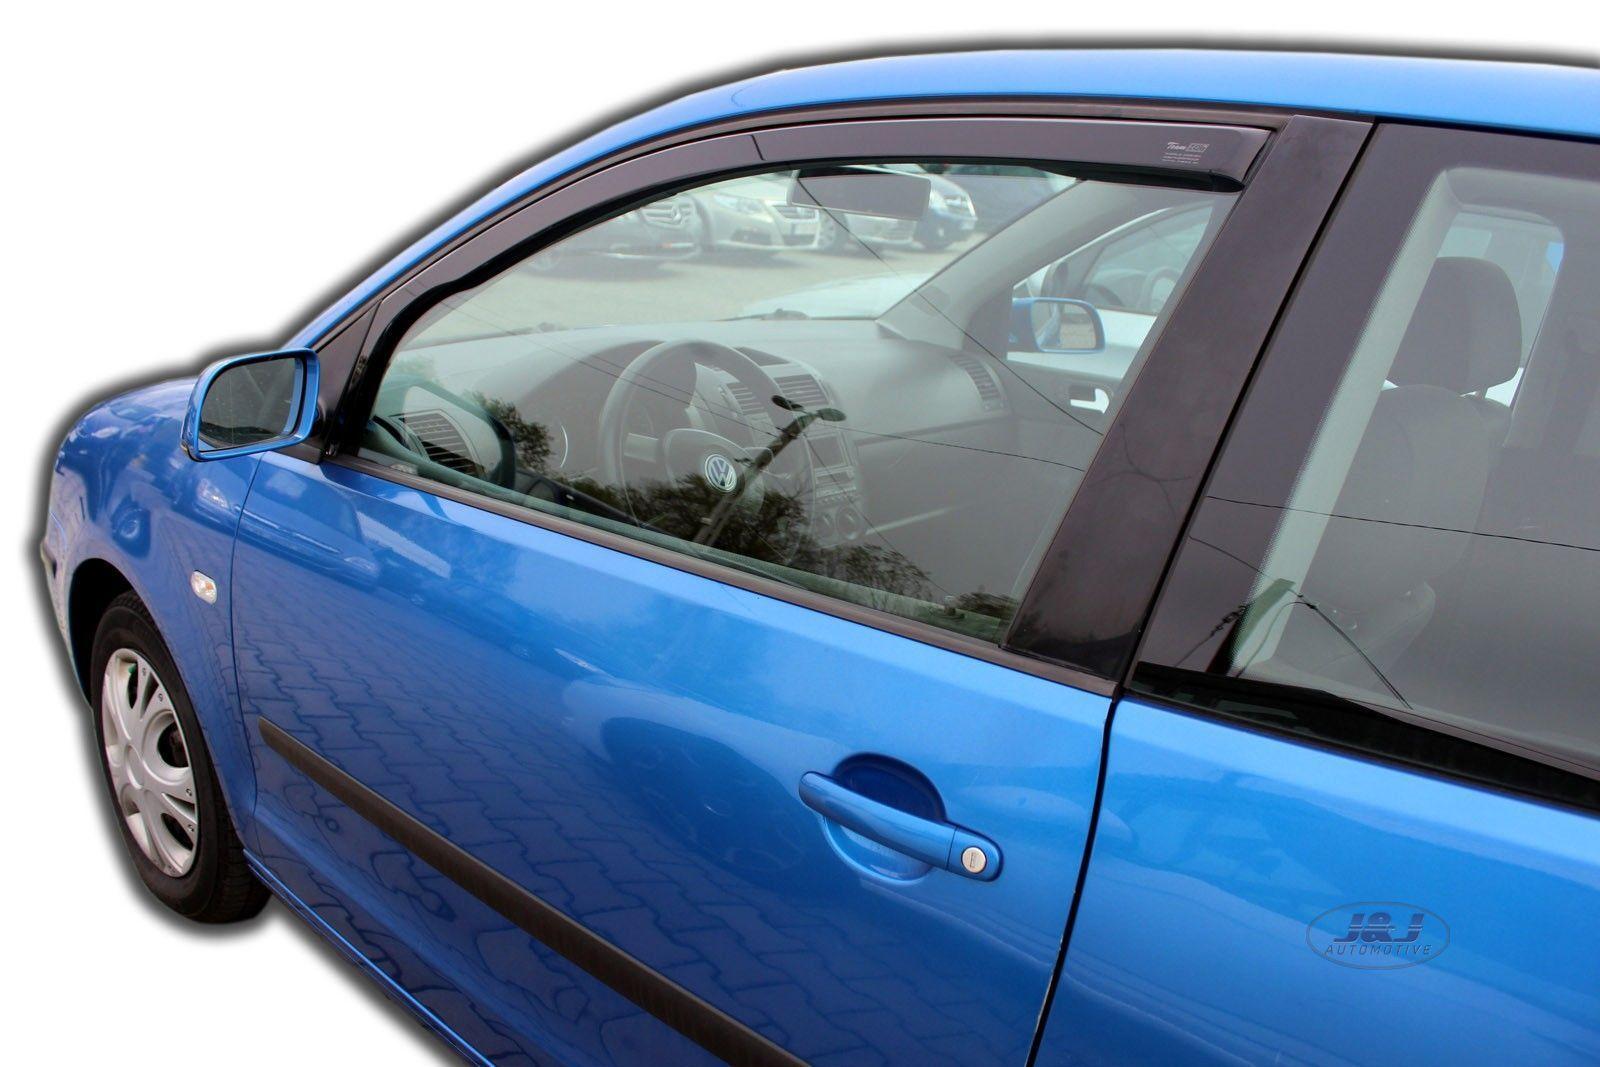 Wind deflectors for Volkswagen VW Polo 4 9N 2001-2005 Hatchback 5doors front